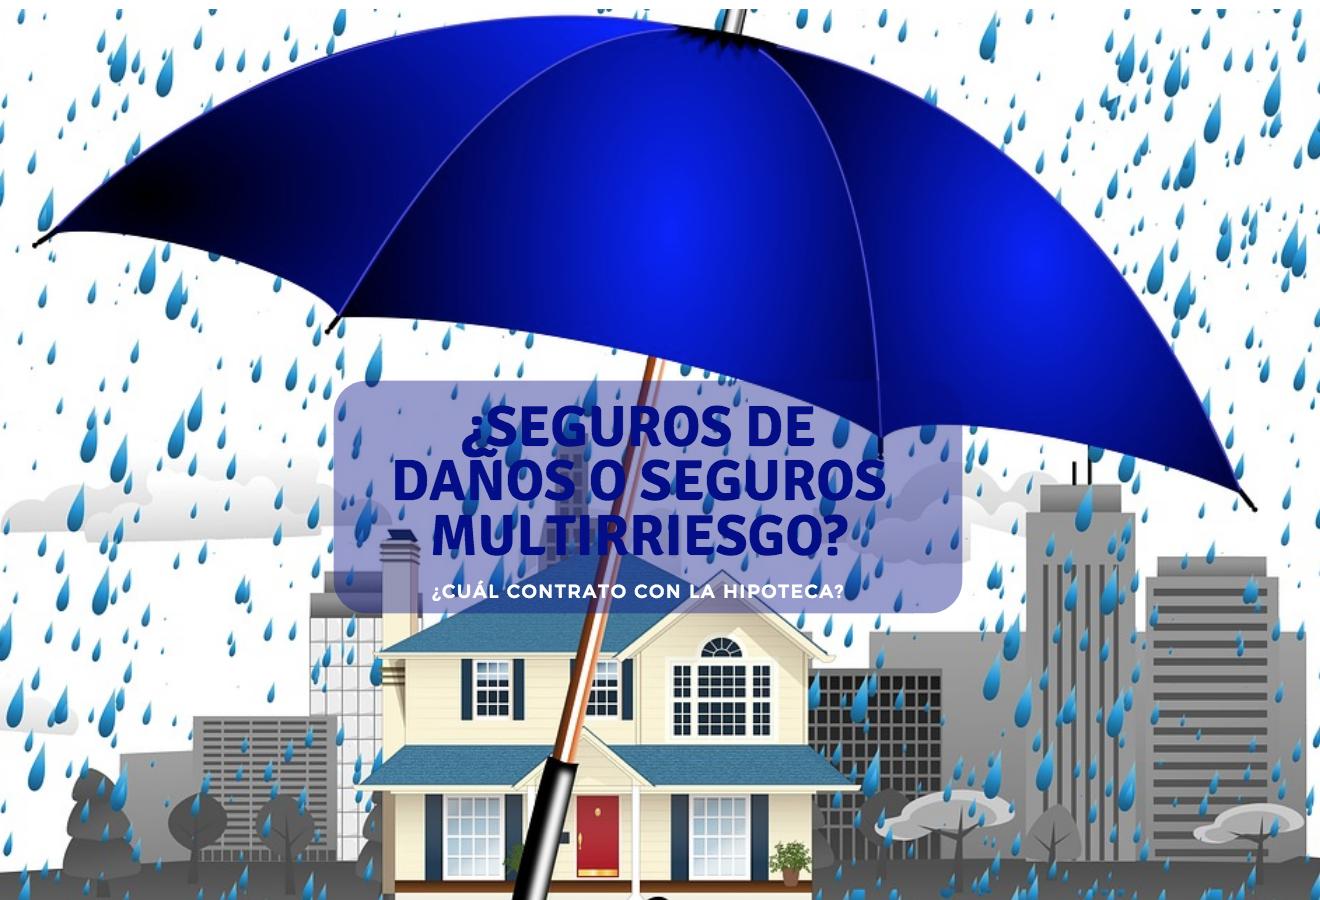 Seguro de daños o multirriesgo, ¿Cuál contrato con la hipoteca?